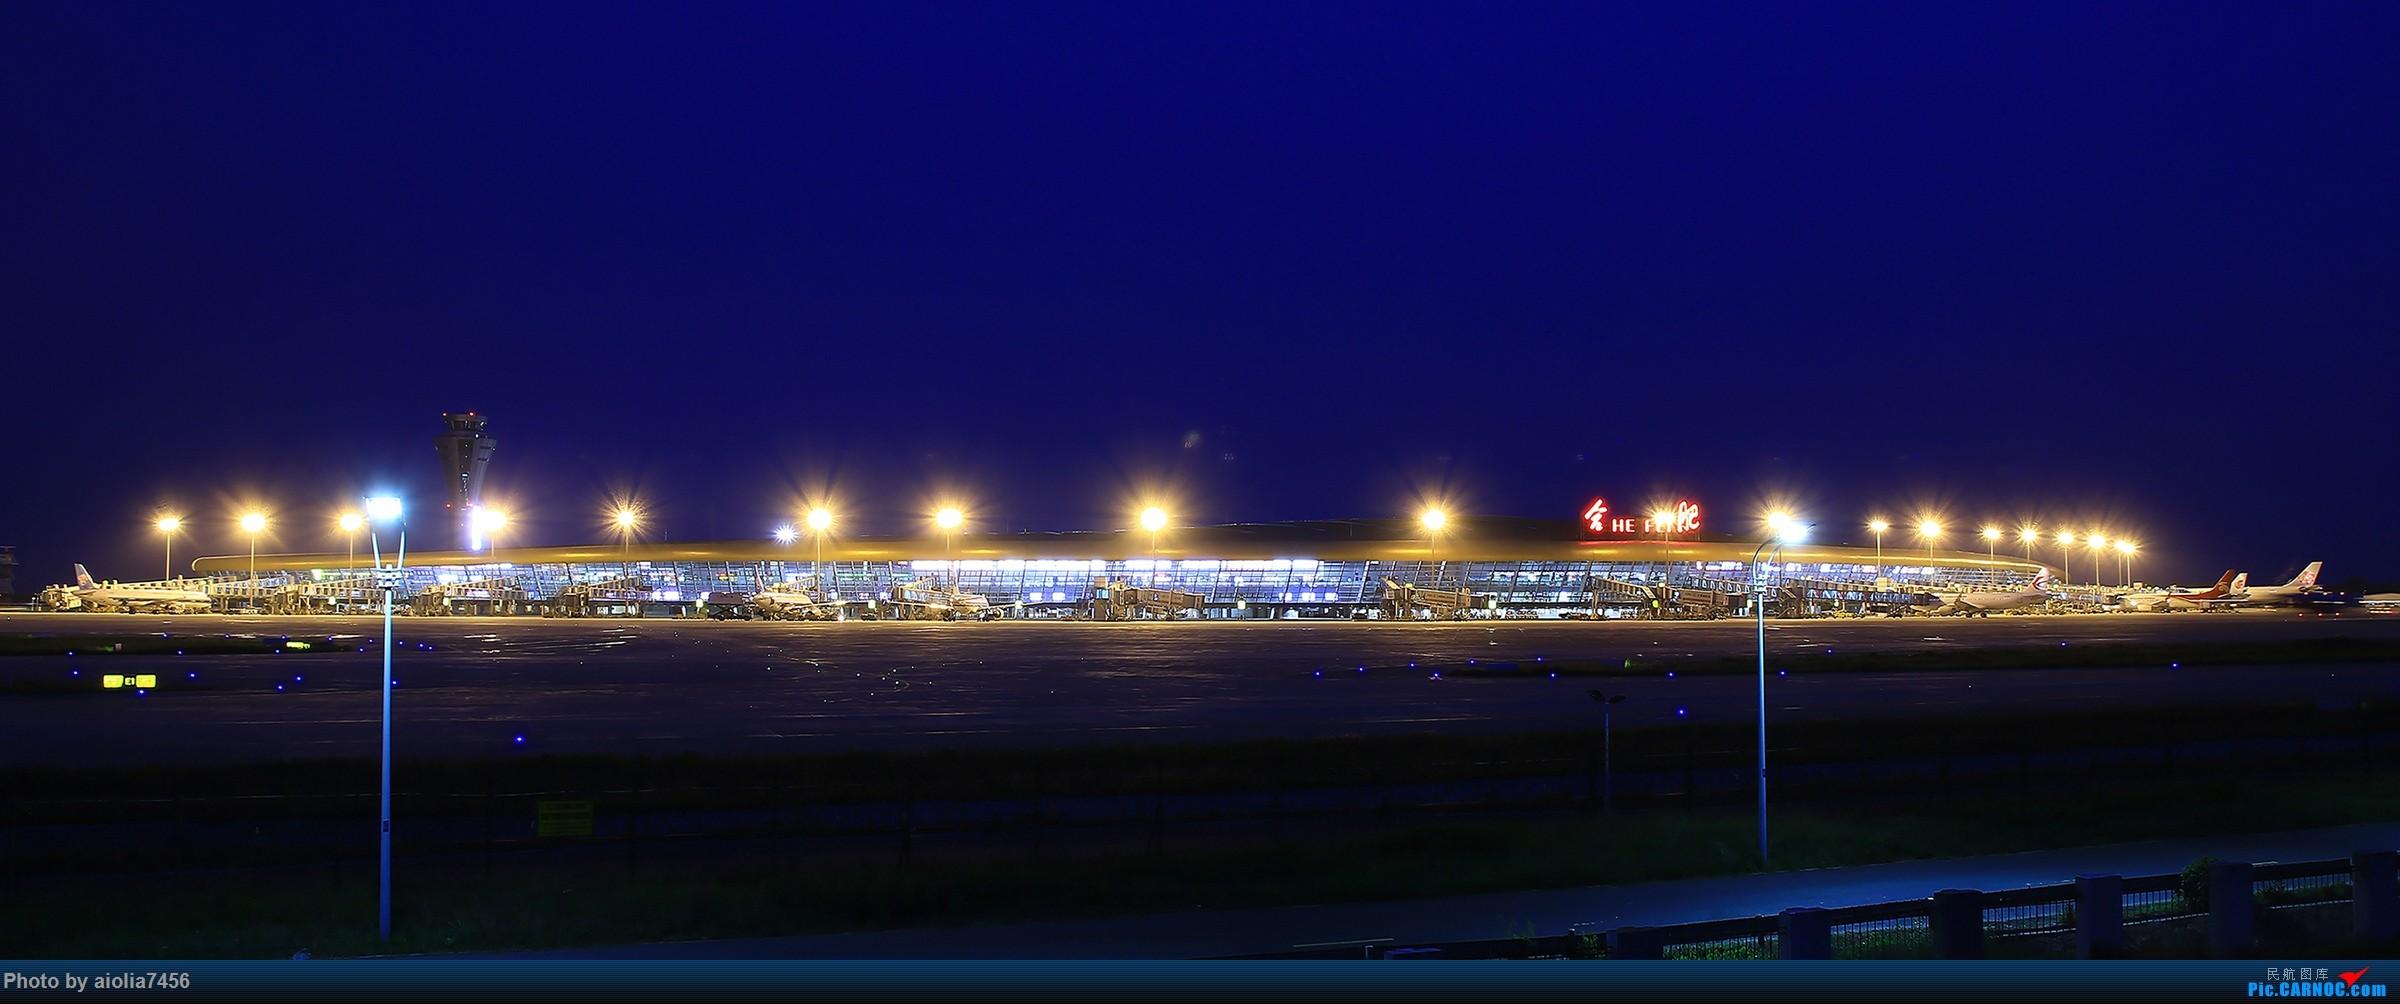 [原创][合肥飞友会]霸都打鸡 找个机会白天打华航 顺便看看期待已久的迪斯尼    中国合肥新桥国际机场